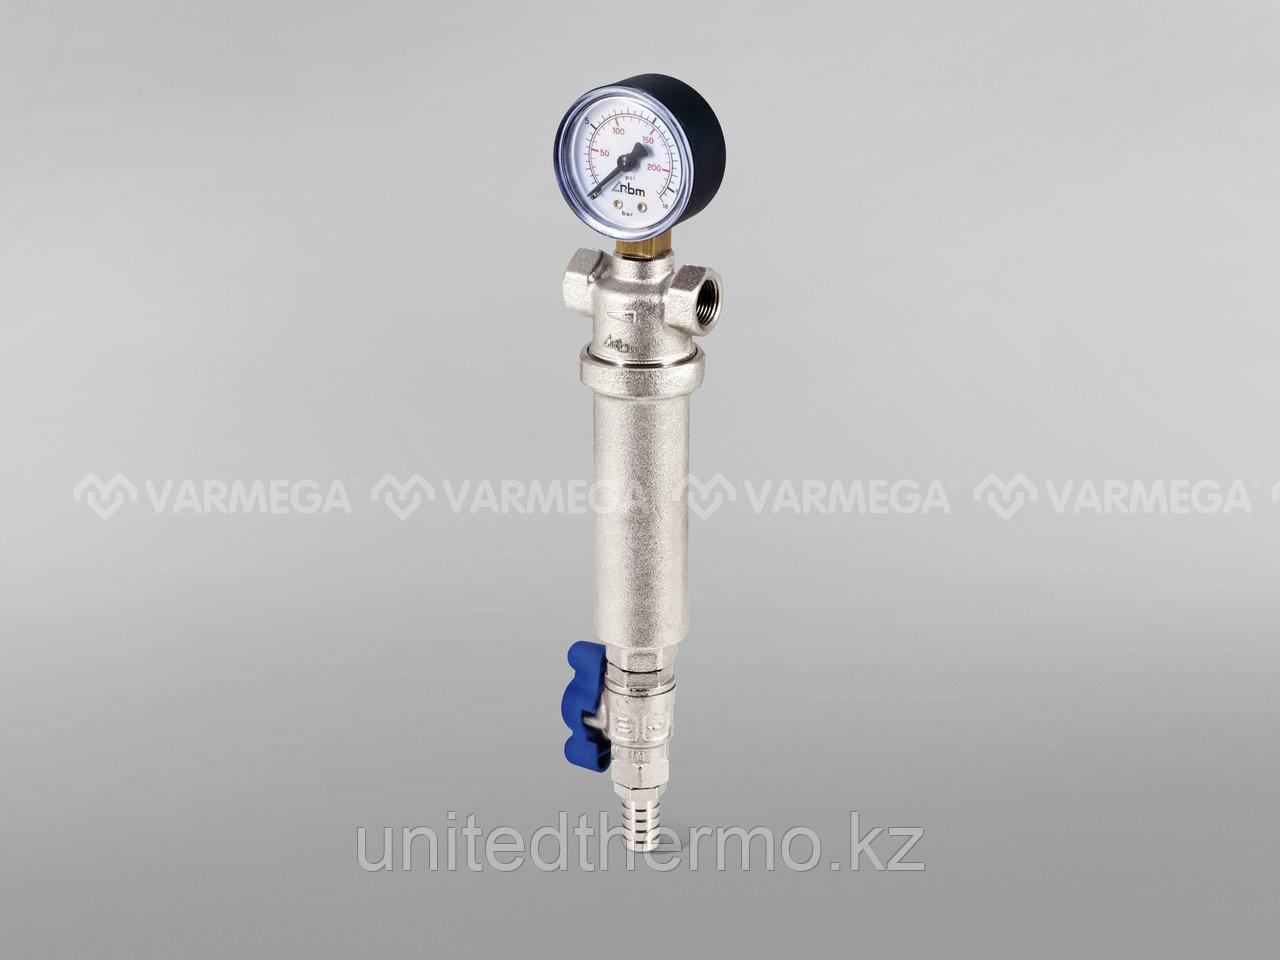 """Самопромывной фильтр RBM (Италия) 1 1/4"""" В/В"""